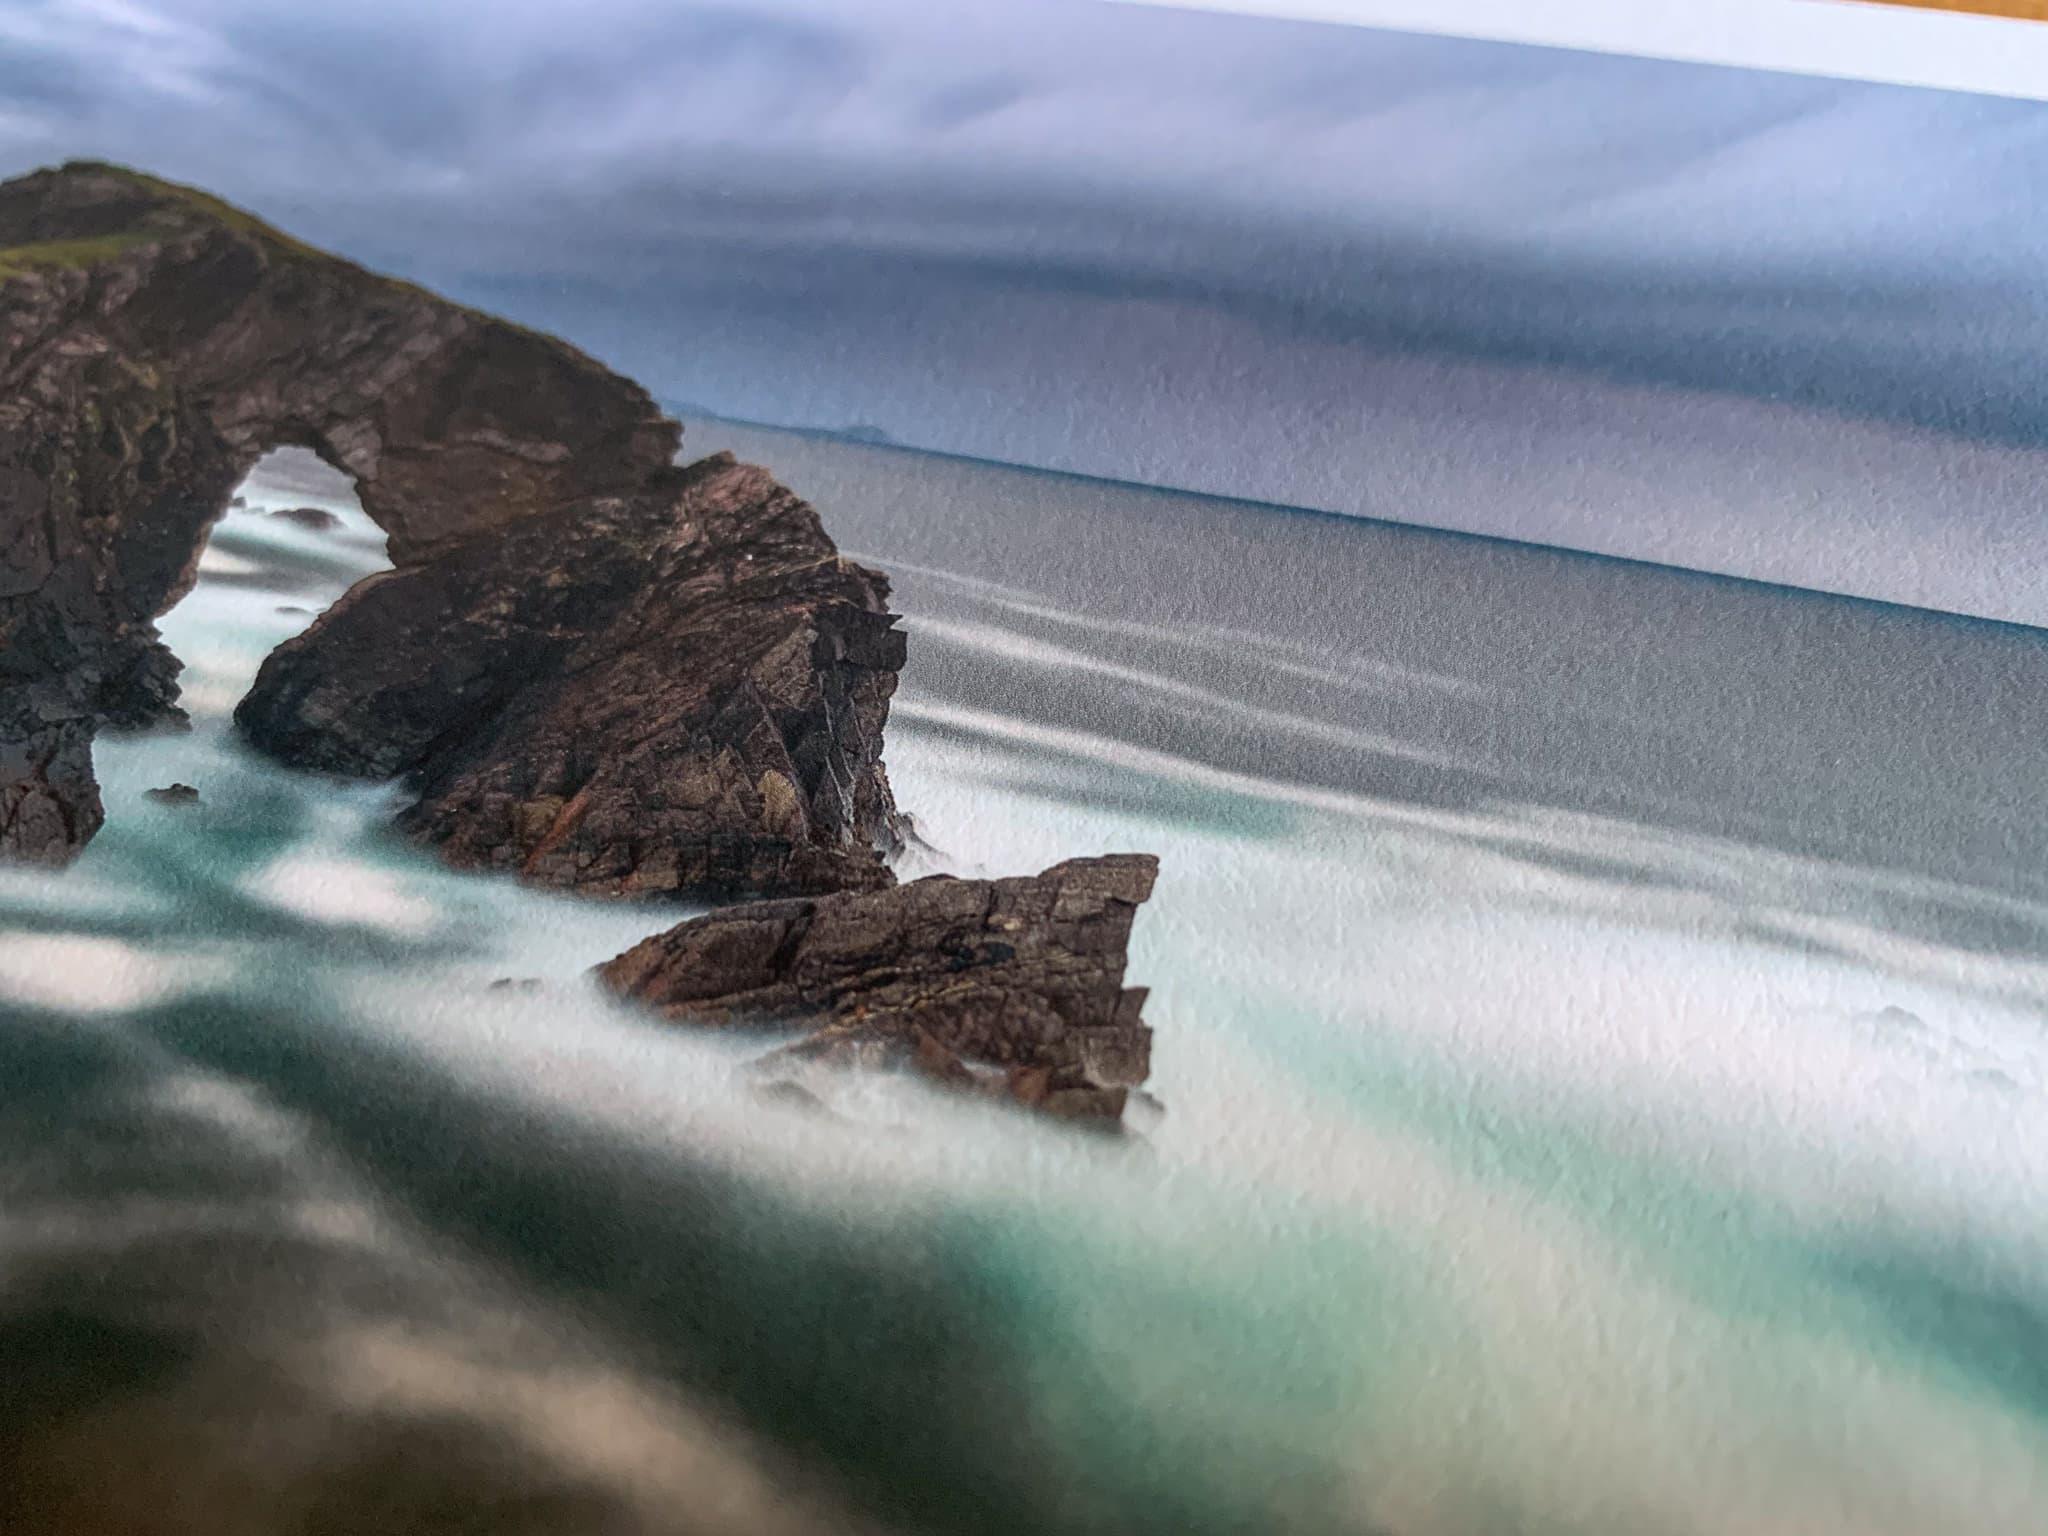 2 Francesco Gola Seascape Long Exposure Photography Review Best Fine Art Paper Hahnemuhle Hahnemühle